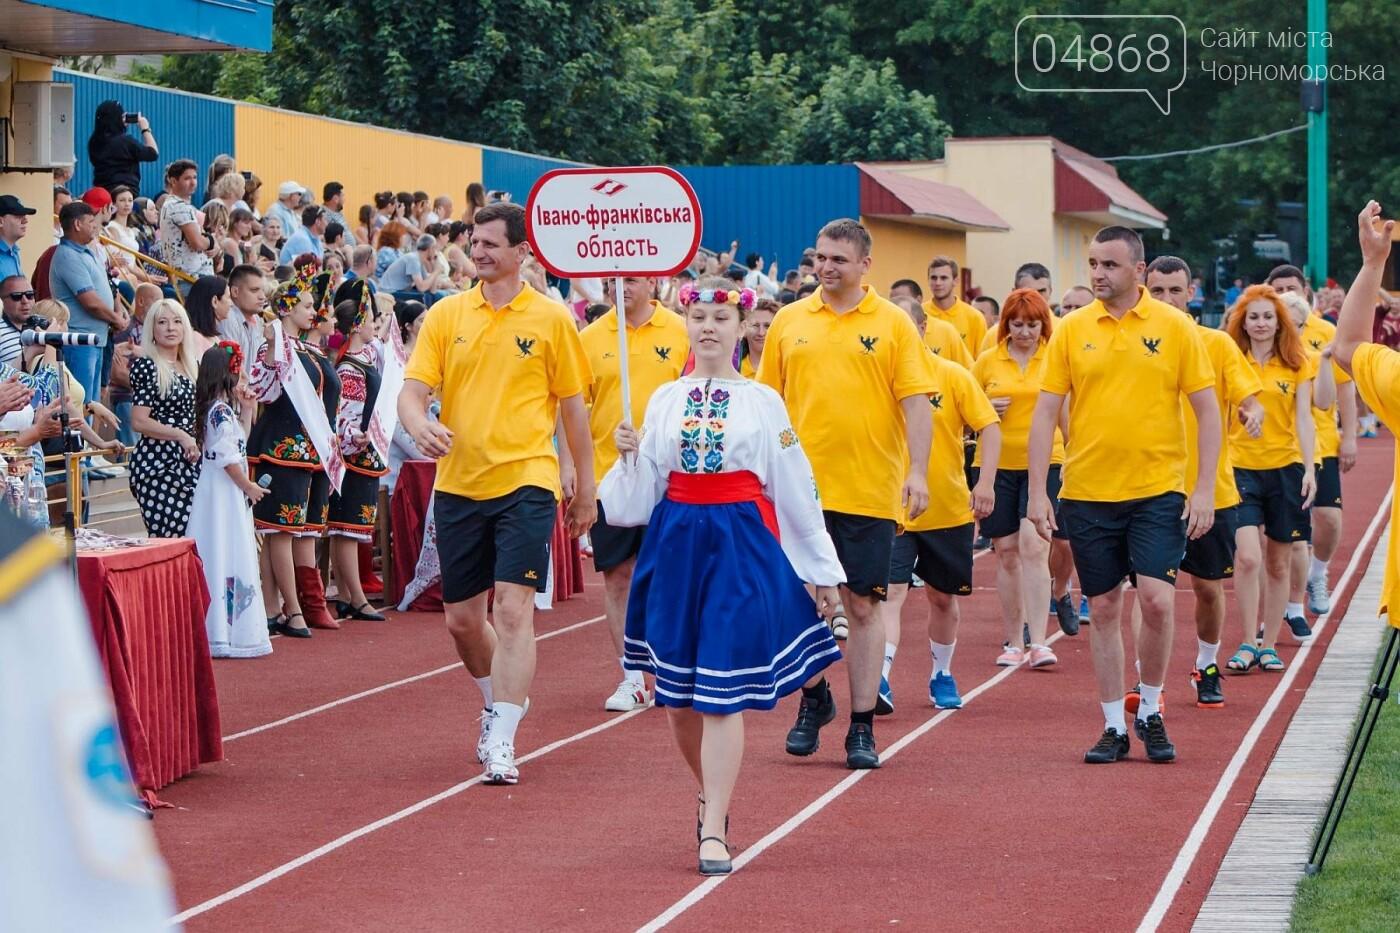 В Черноморске пройдёт финал VII Всеукраинской спартакиады среди депутатов, фото-4